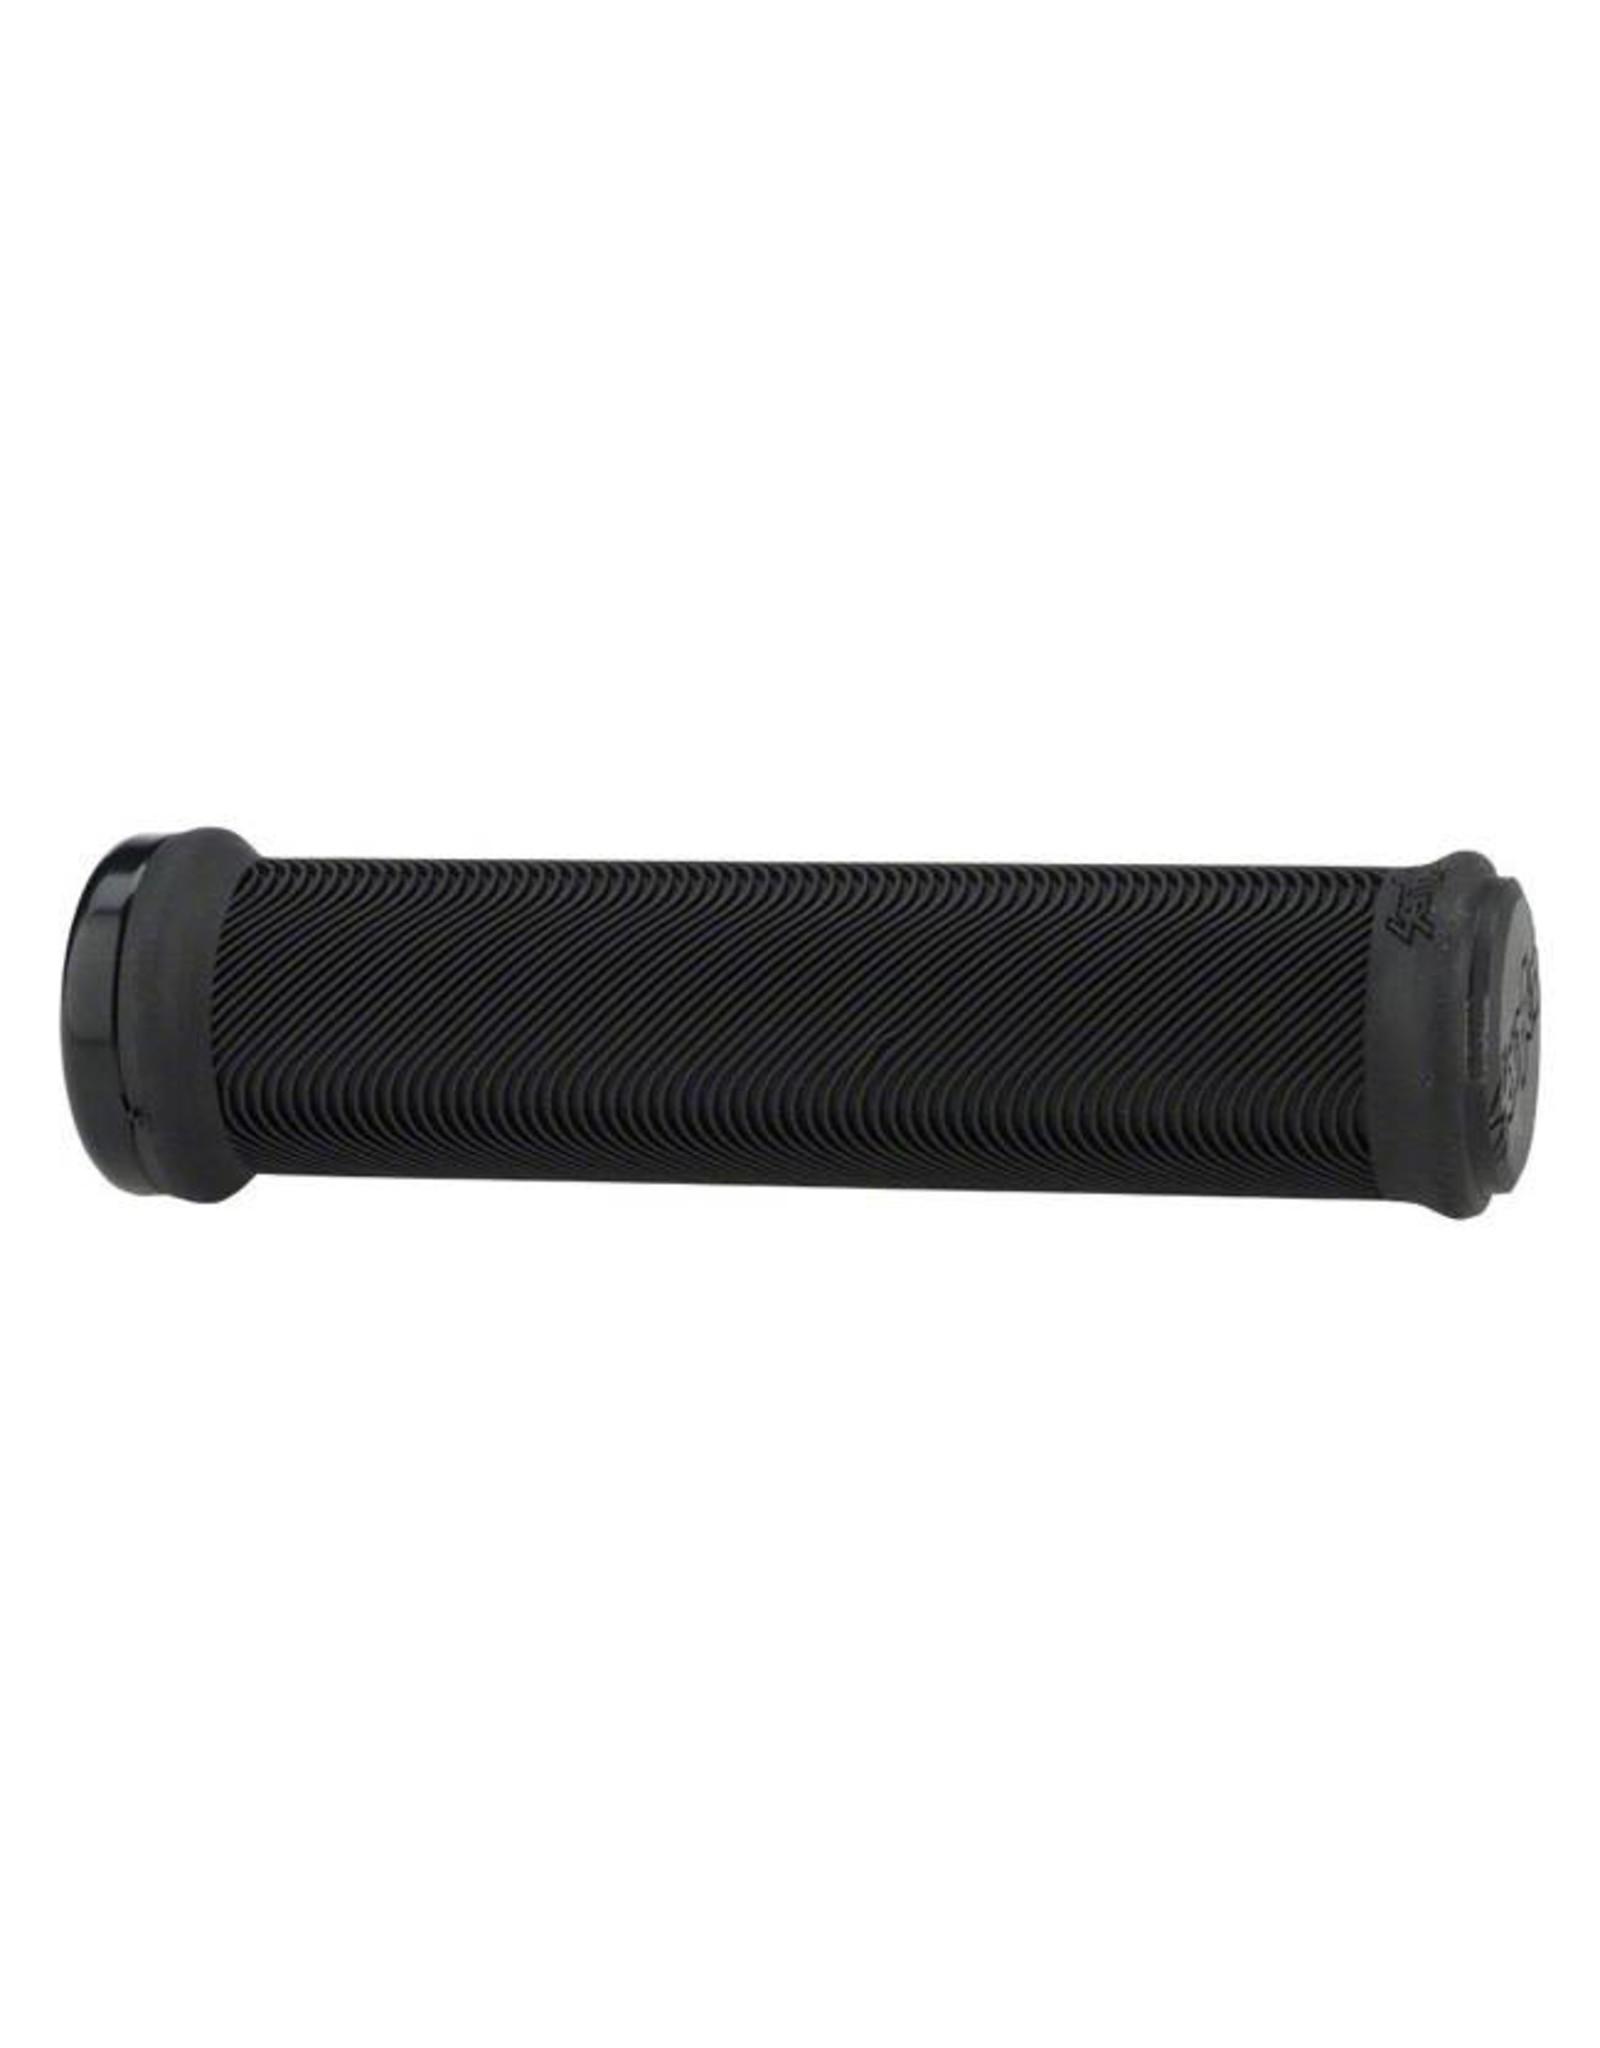 ODI ODI Sensus Lite v2.1 Lock-On Grips Black W/Black Clamps